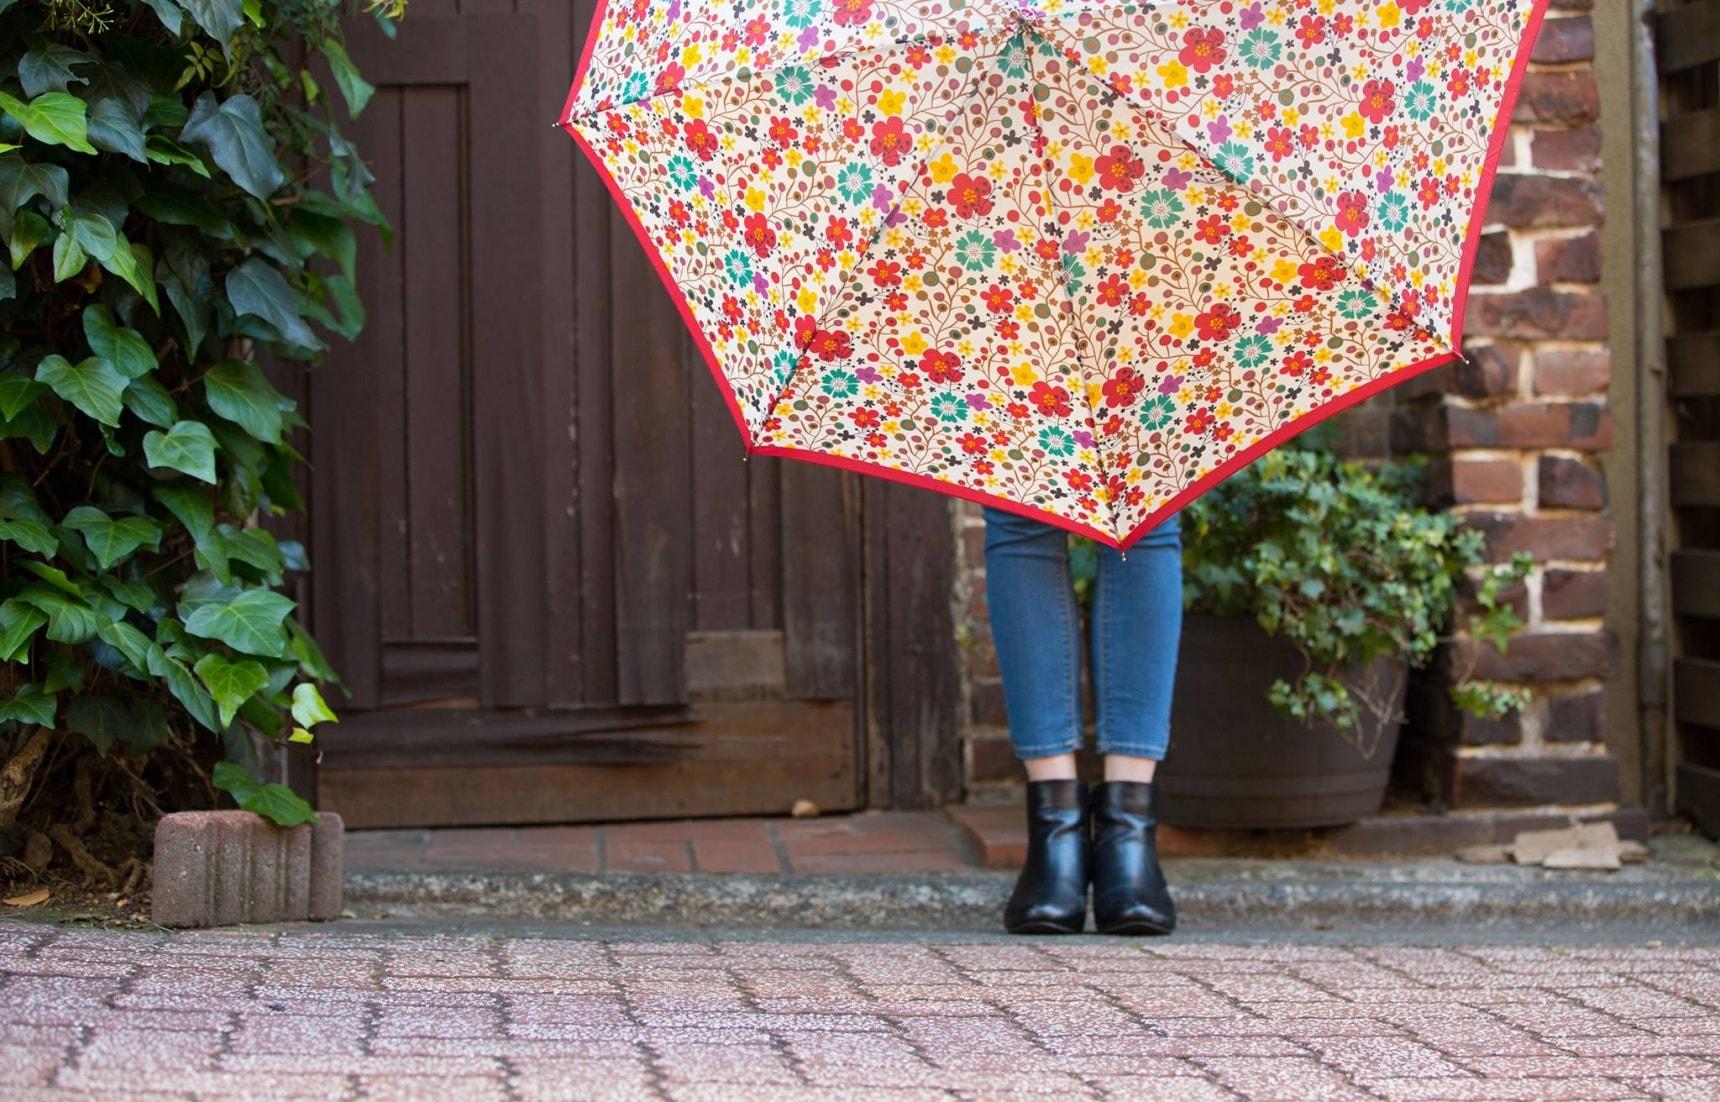 【東京必買】時尚伴手禮新選擇!自用送禮兩相宜的日本雨傘